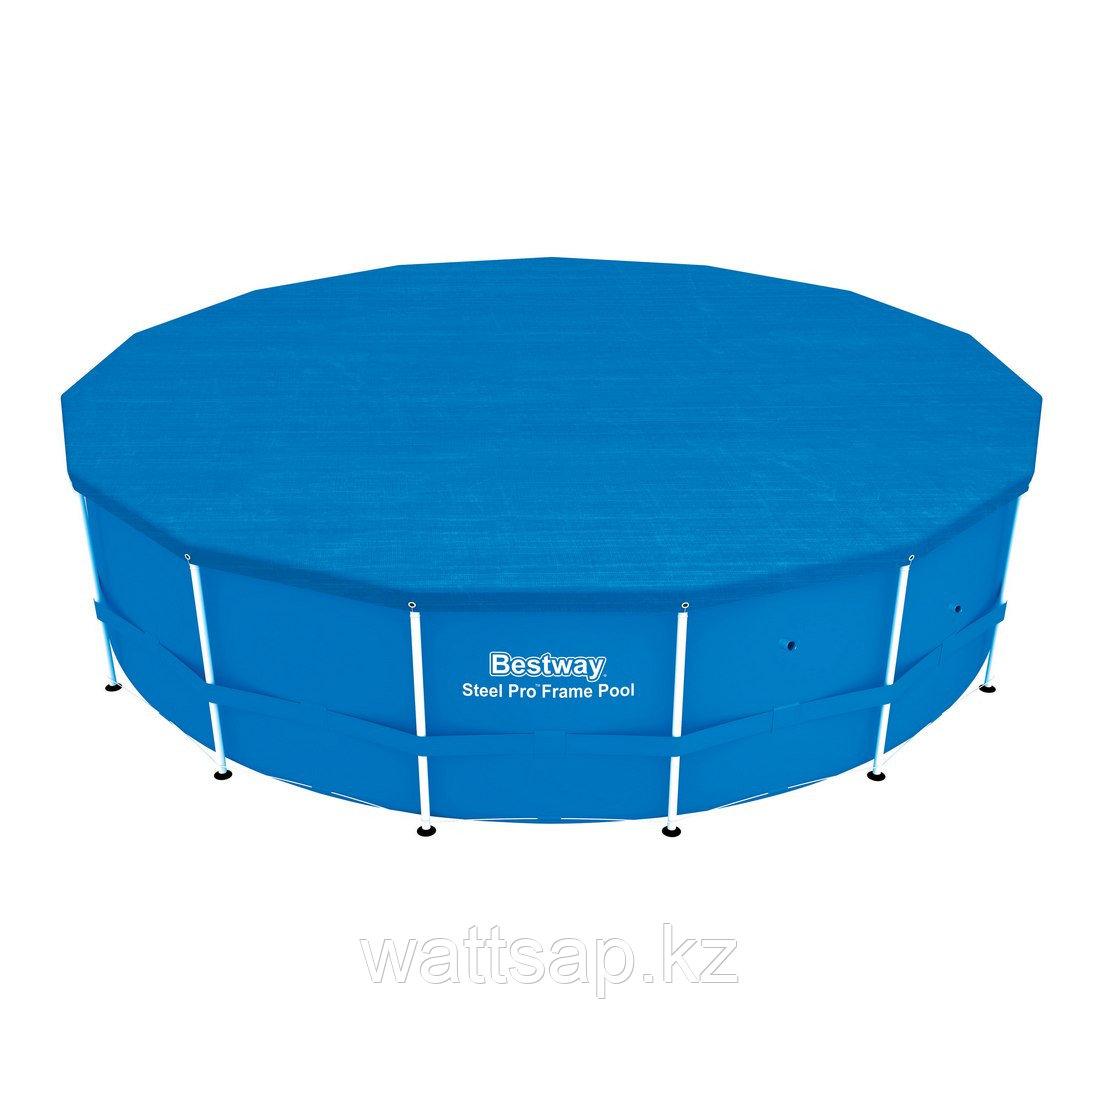 Тент для бассейна, BESTWAY, 58134, 457х122 см, Полиэтилен, Шнуры для крепления, Синий, Цветная коробка